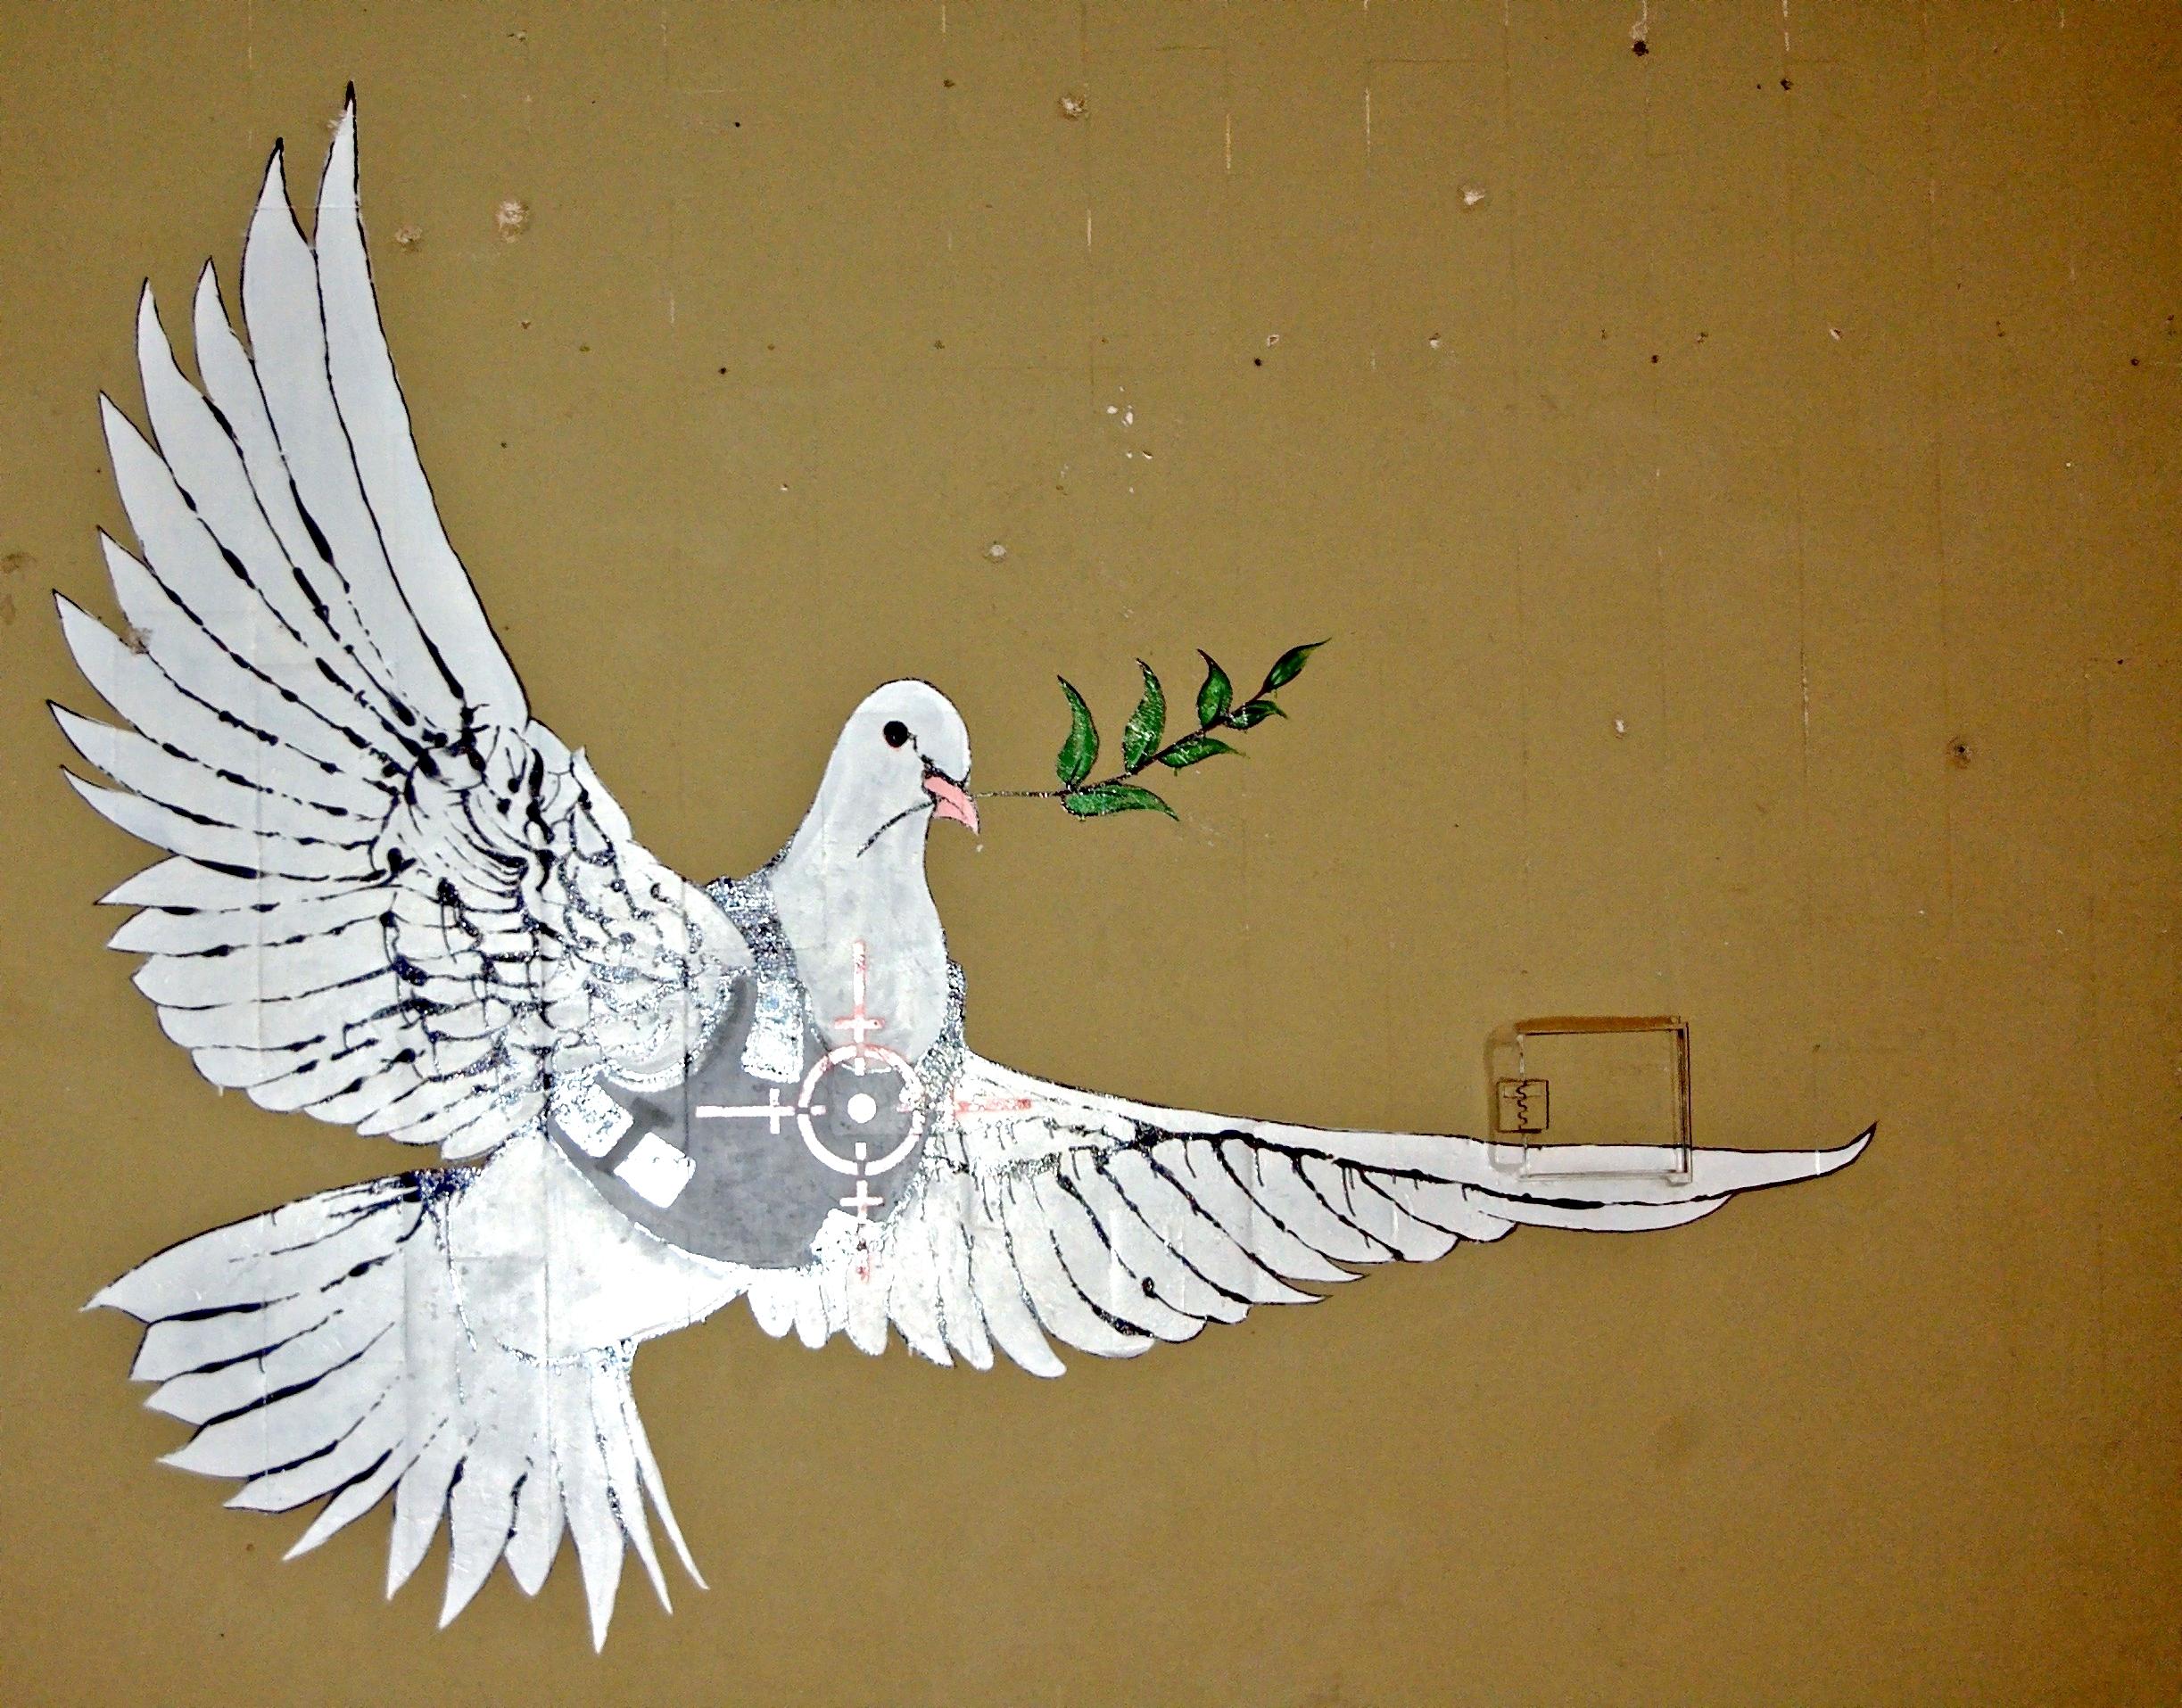 Colombe sous les balles graffiti Mur Tombeau de Rachel Bethléem Cisjordanie Banksy